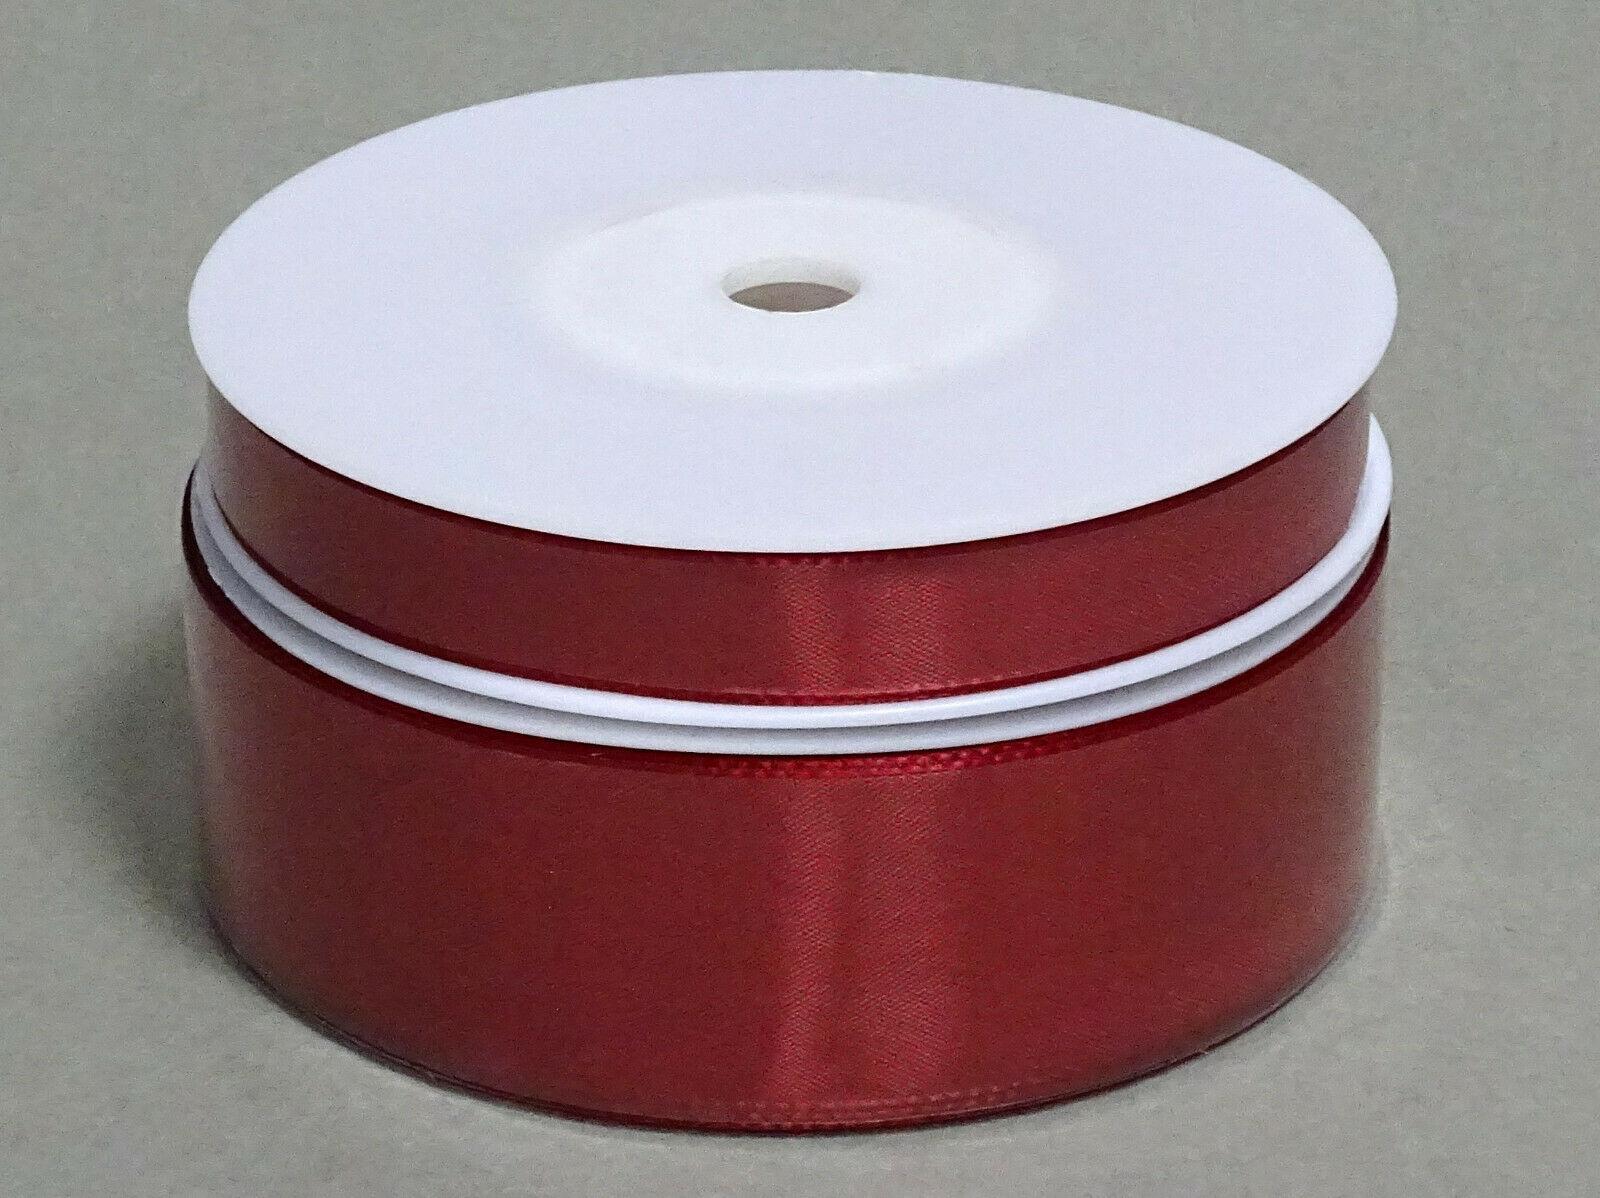 Seidenband Schleifenband 50 m x 15 / 25 / 40mm Dekoband ab 0,08€/m Geschenkband  - Bordeaux 124, 15 mm x 50 m